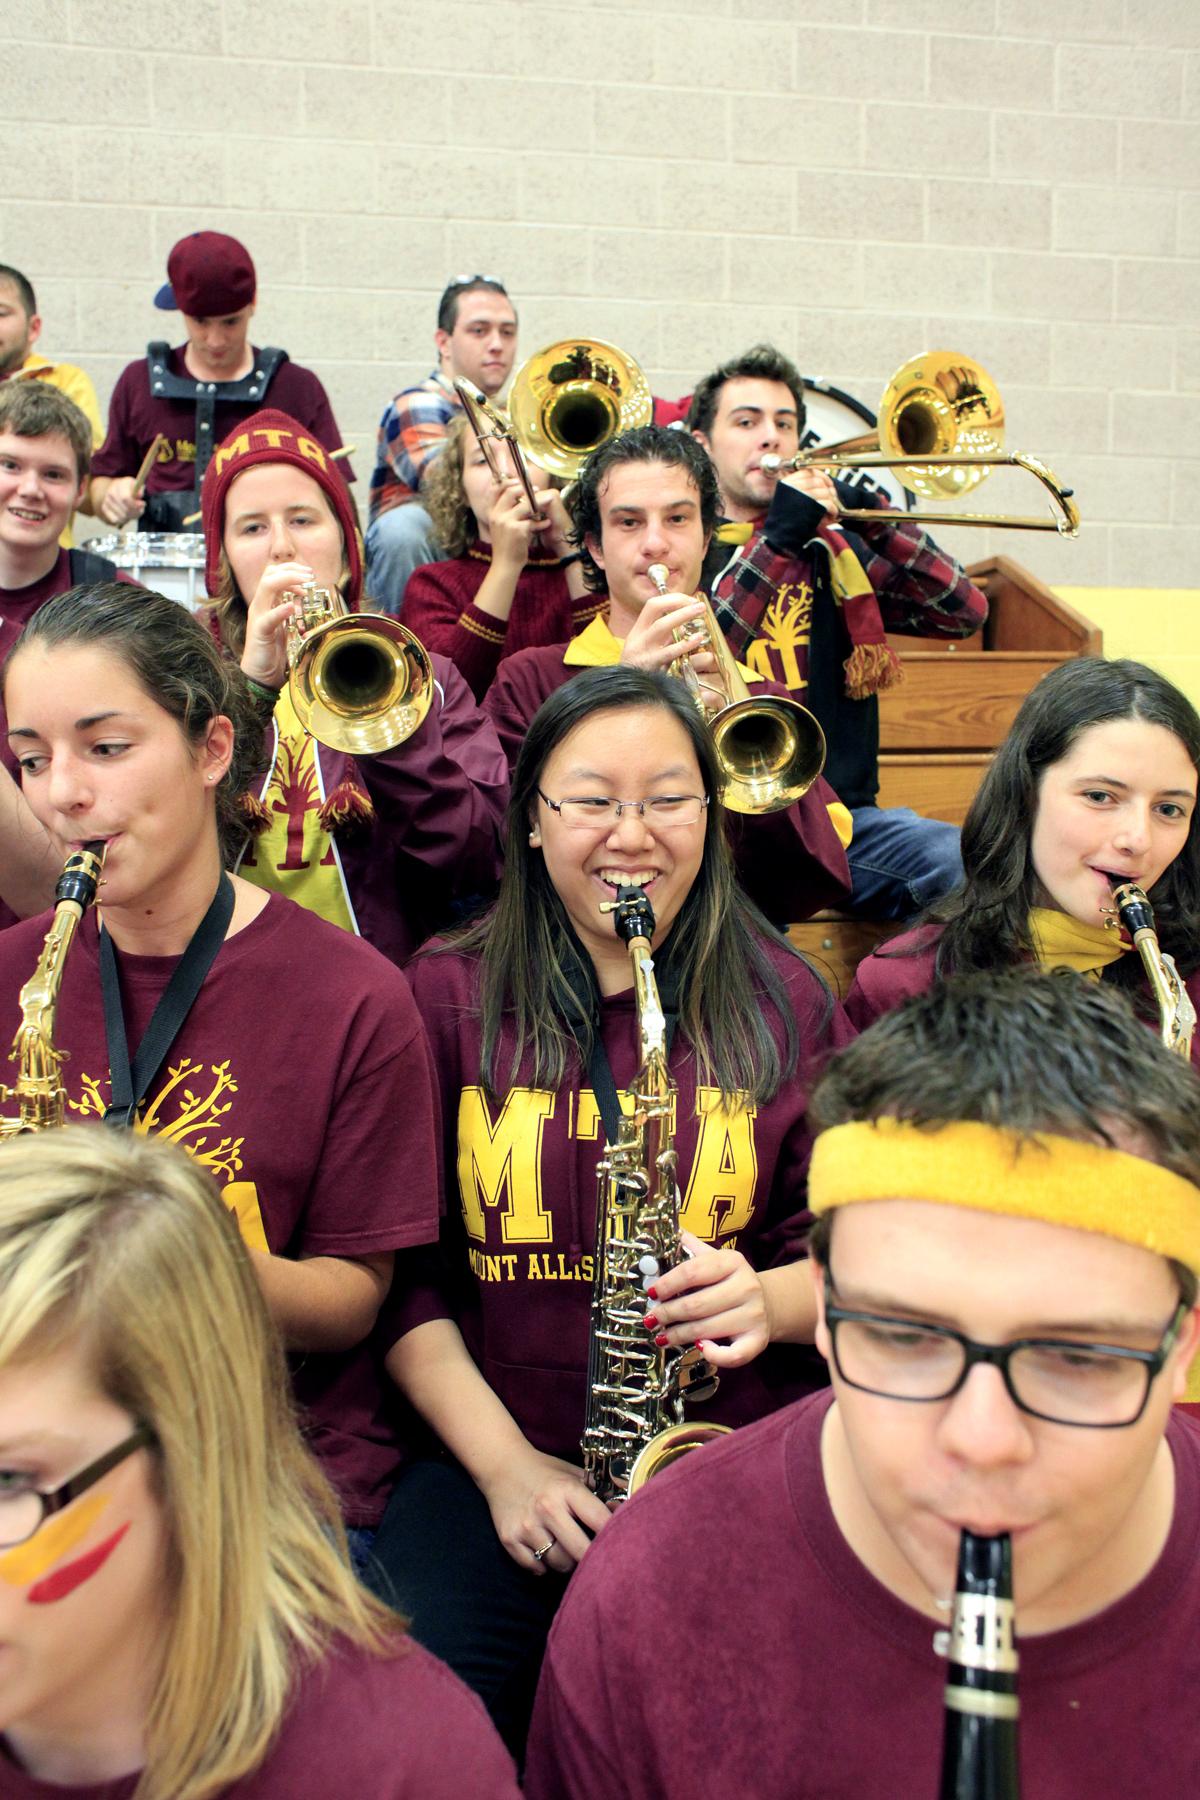 Pep band, Mount Allison University